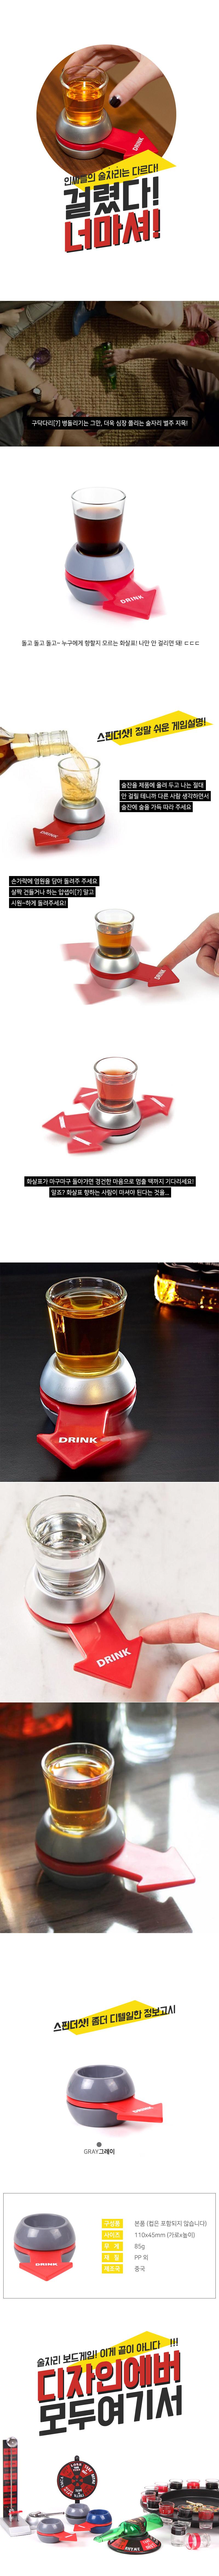 너마셔 술자리 복불복 룰렛 게임 스핀더샷 - 디자인에버, 4,200원, 아이디어 상품, 아이디어 상품